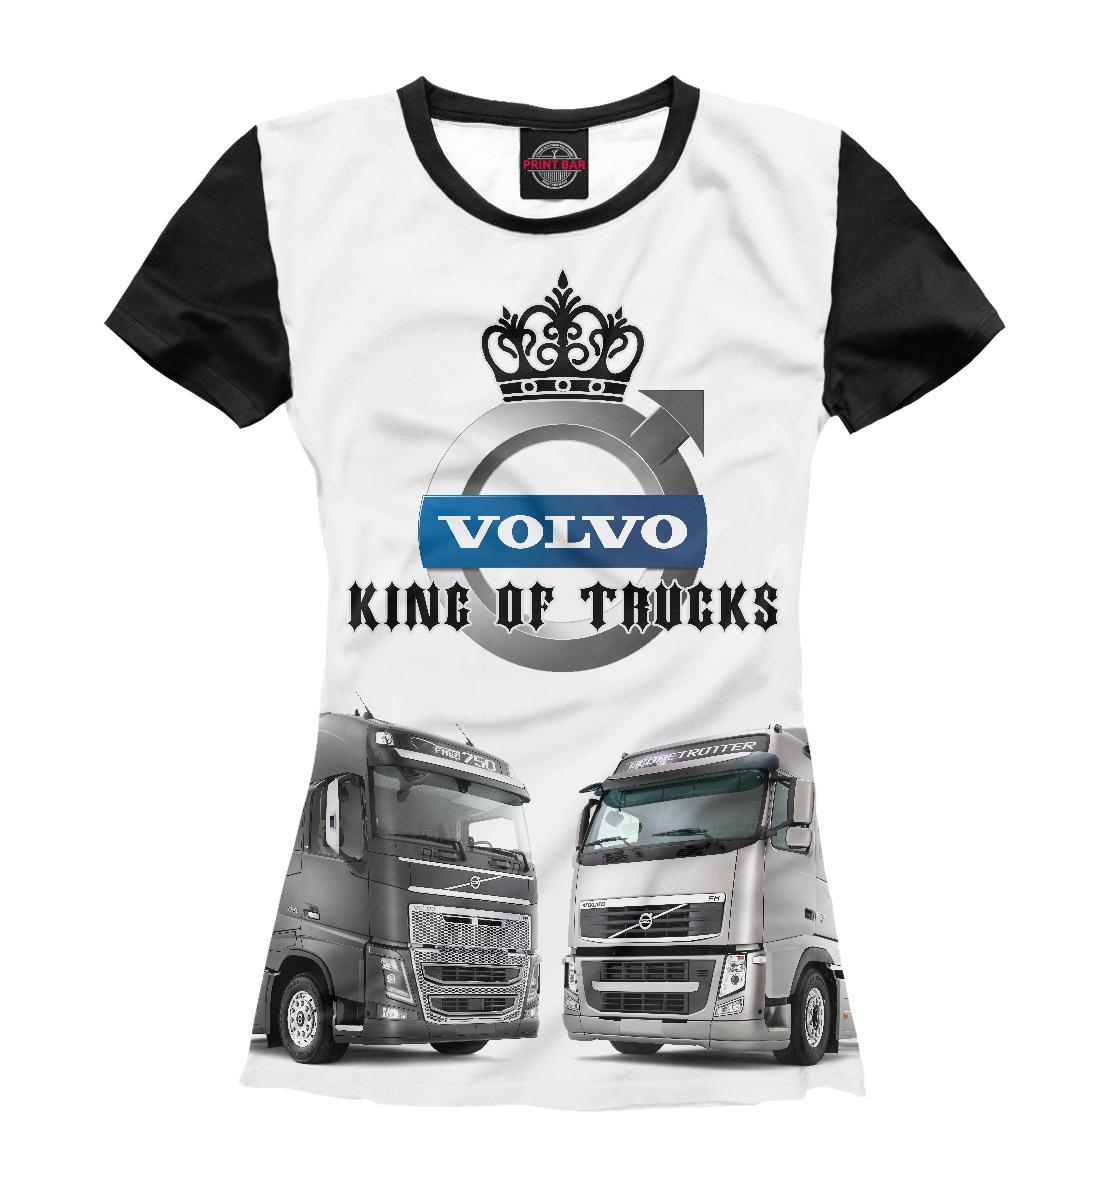 Купить VOLVO - король грузовиков, Printbar, Футболки, GRZ-894611-fut-1